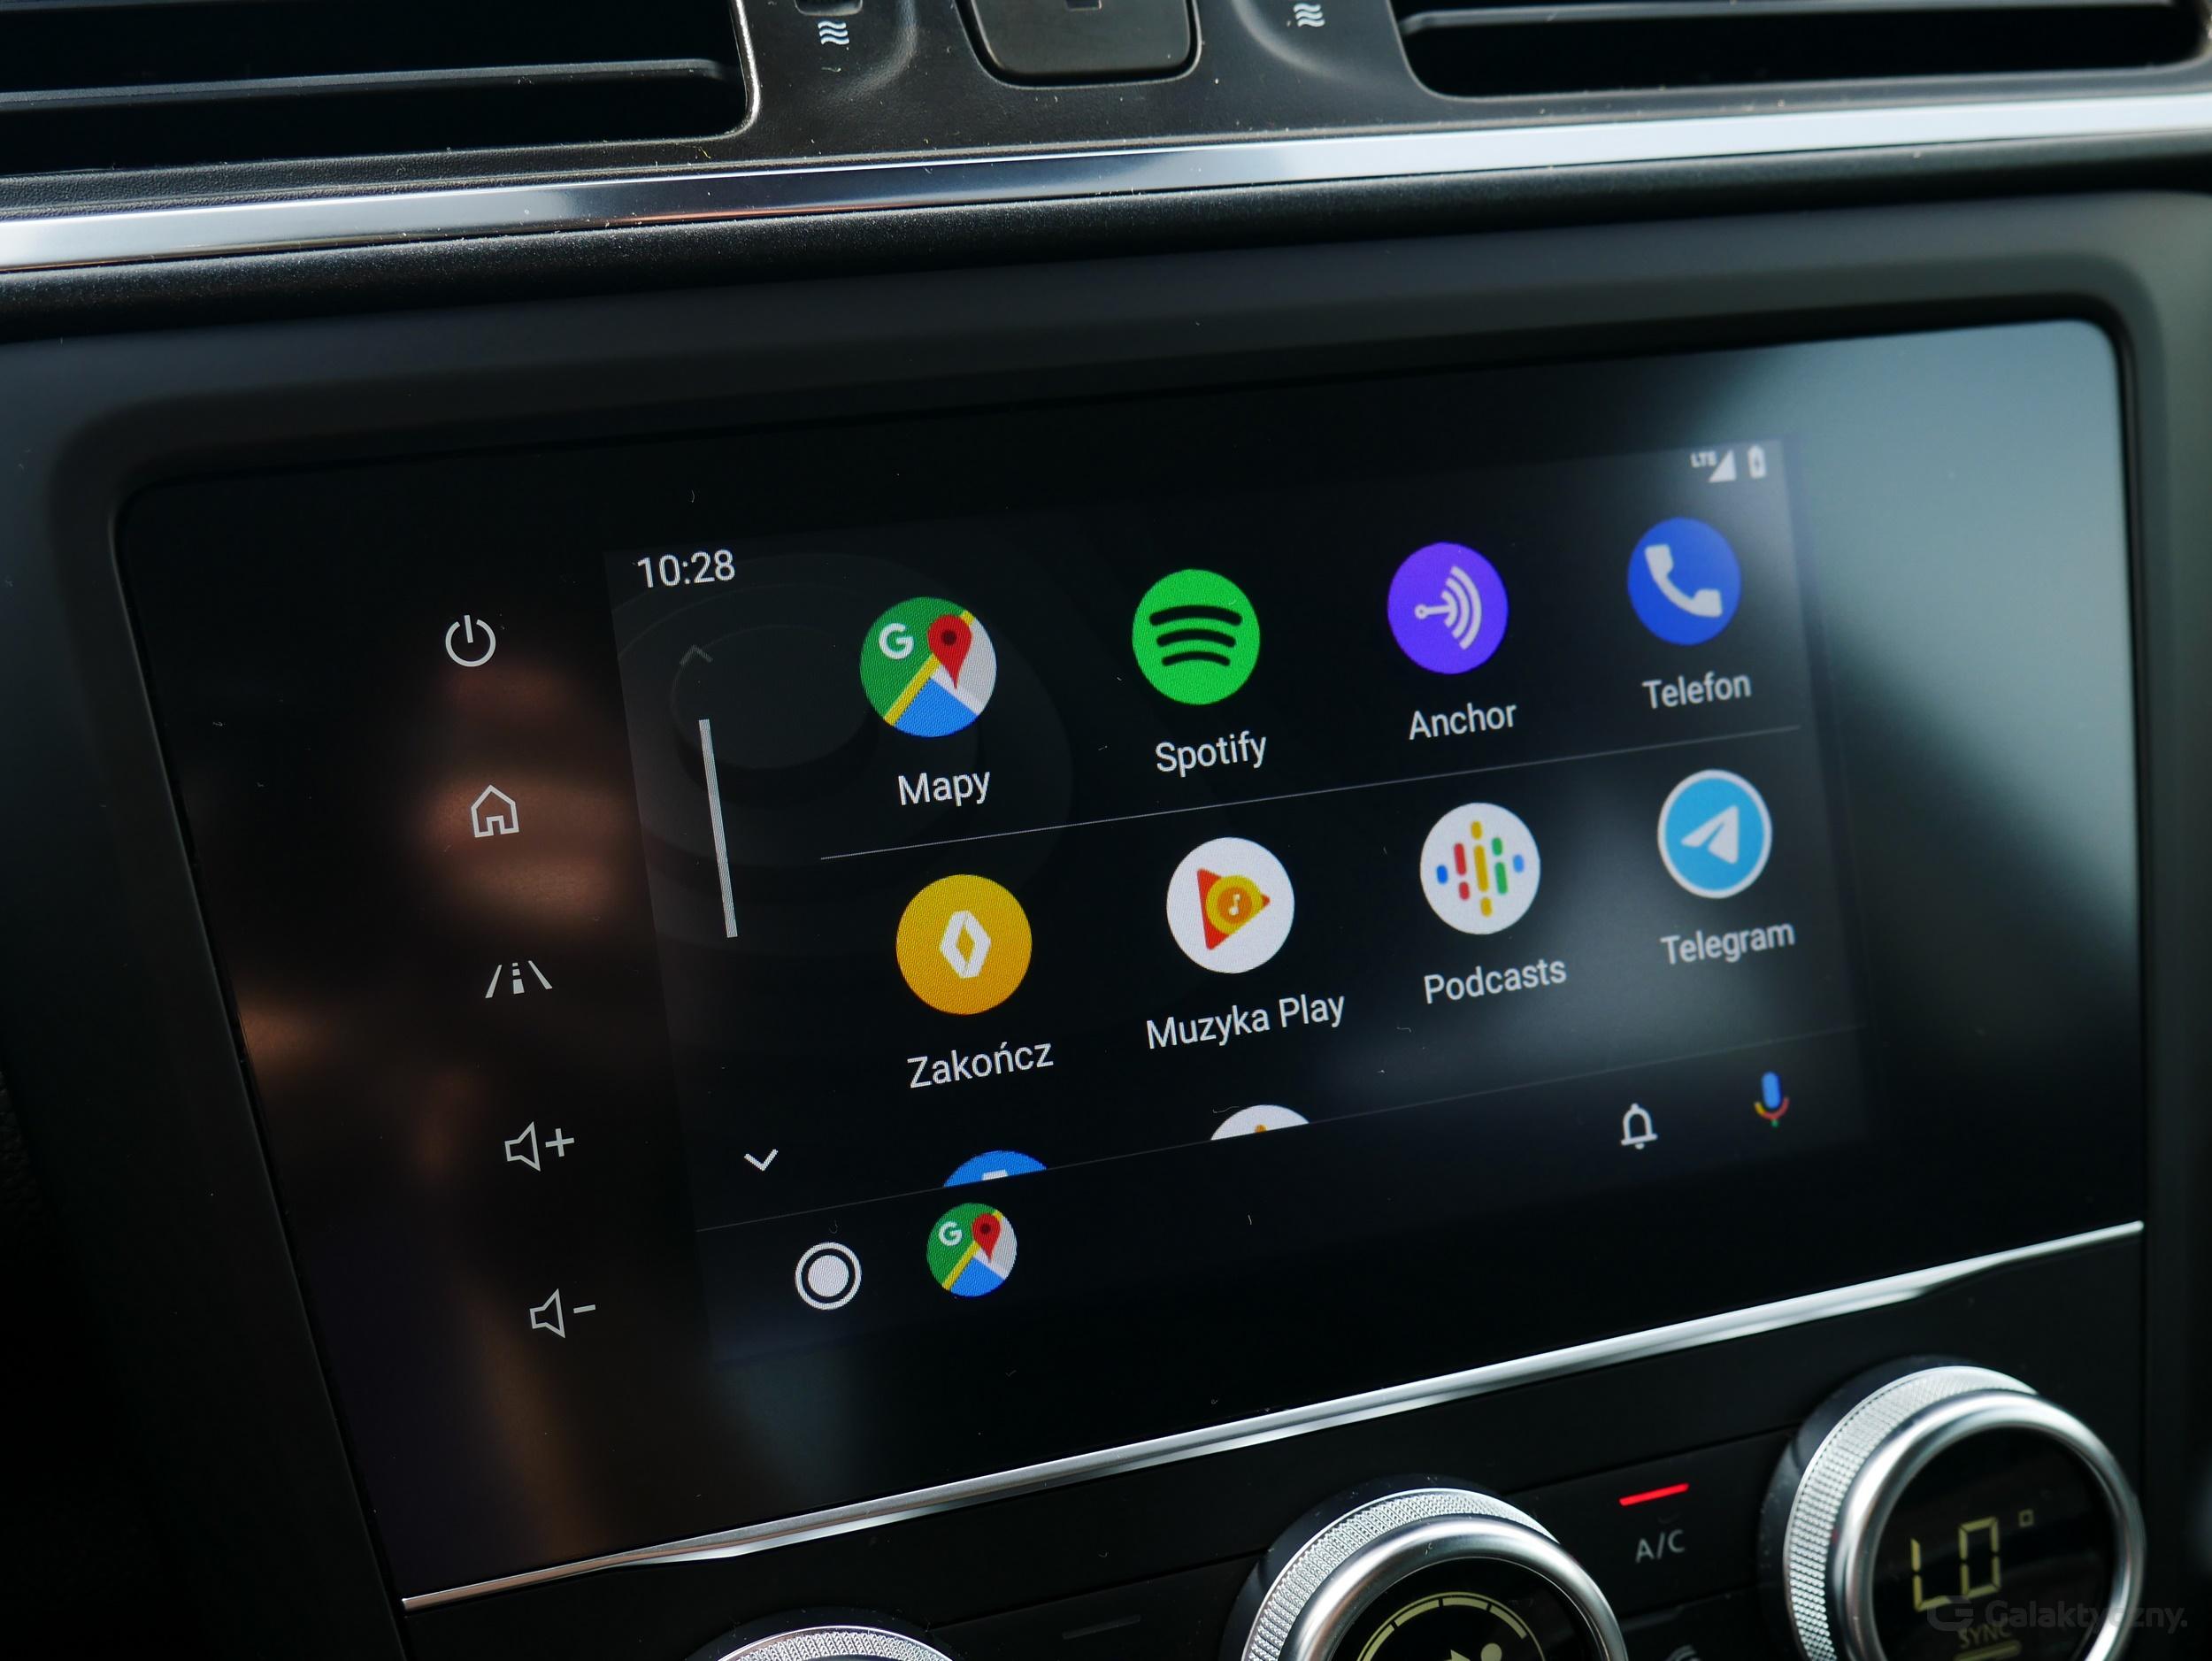 Renault Kadjar - Android Auto